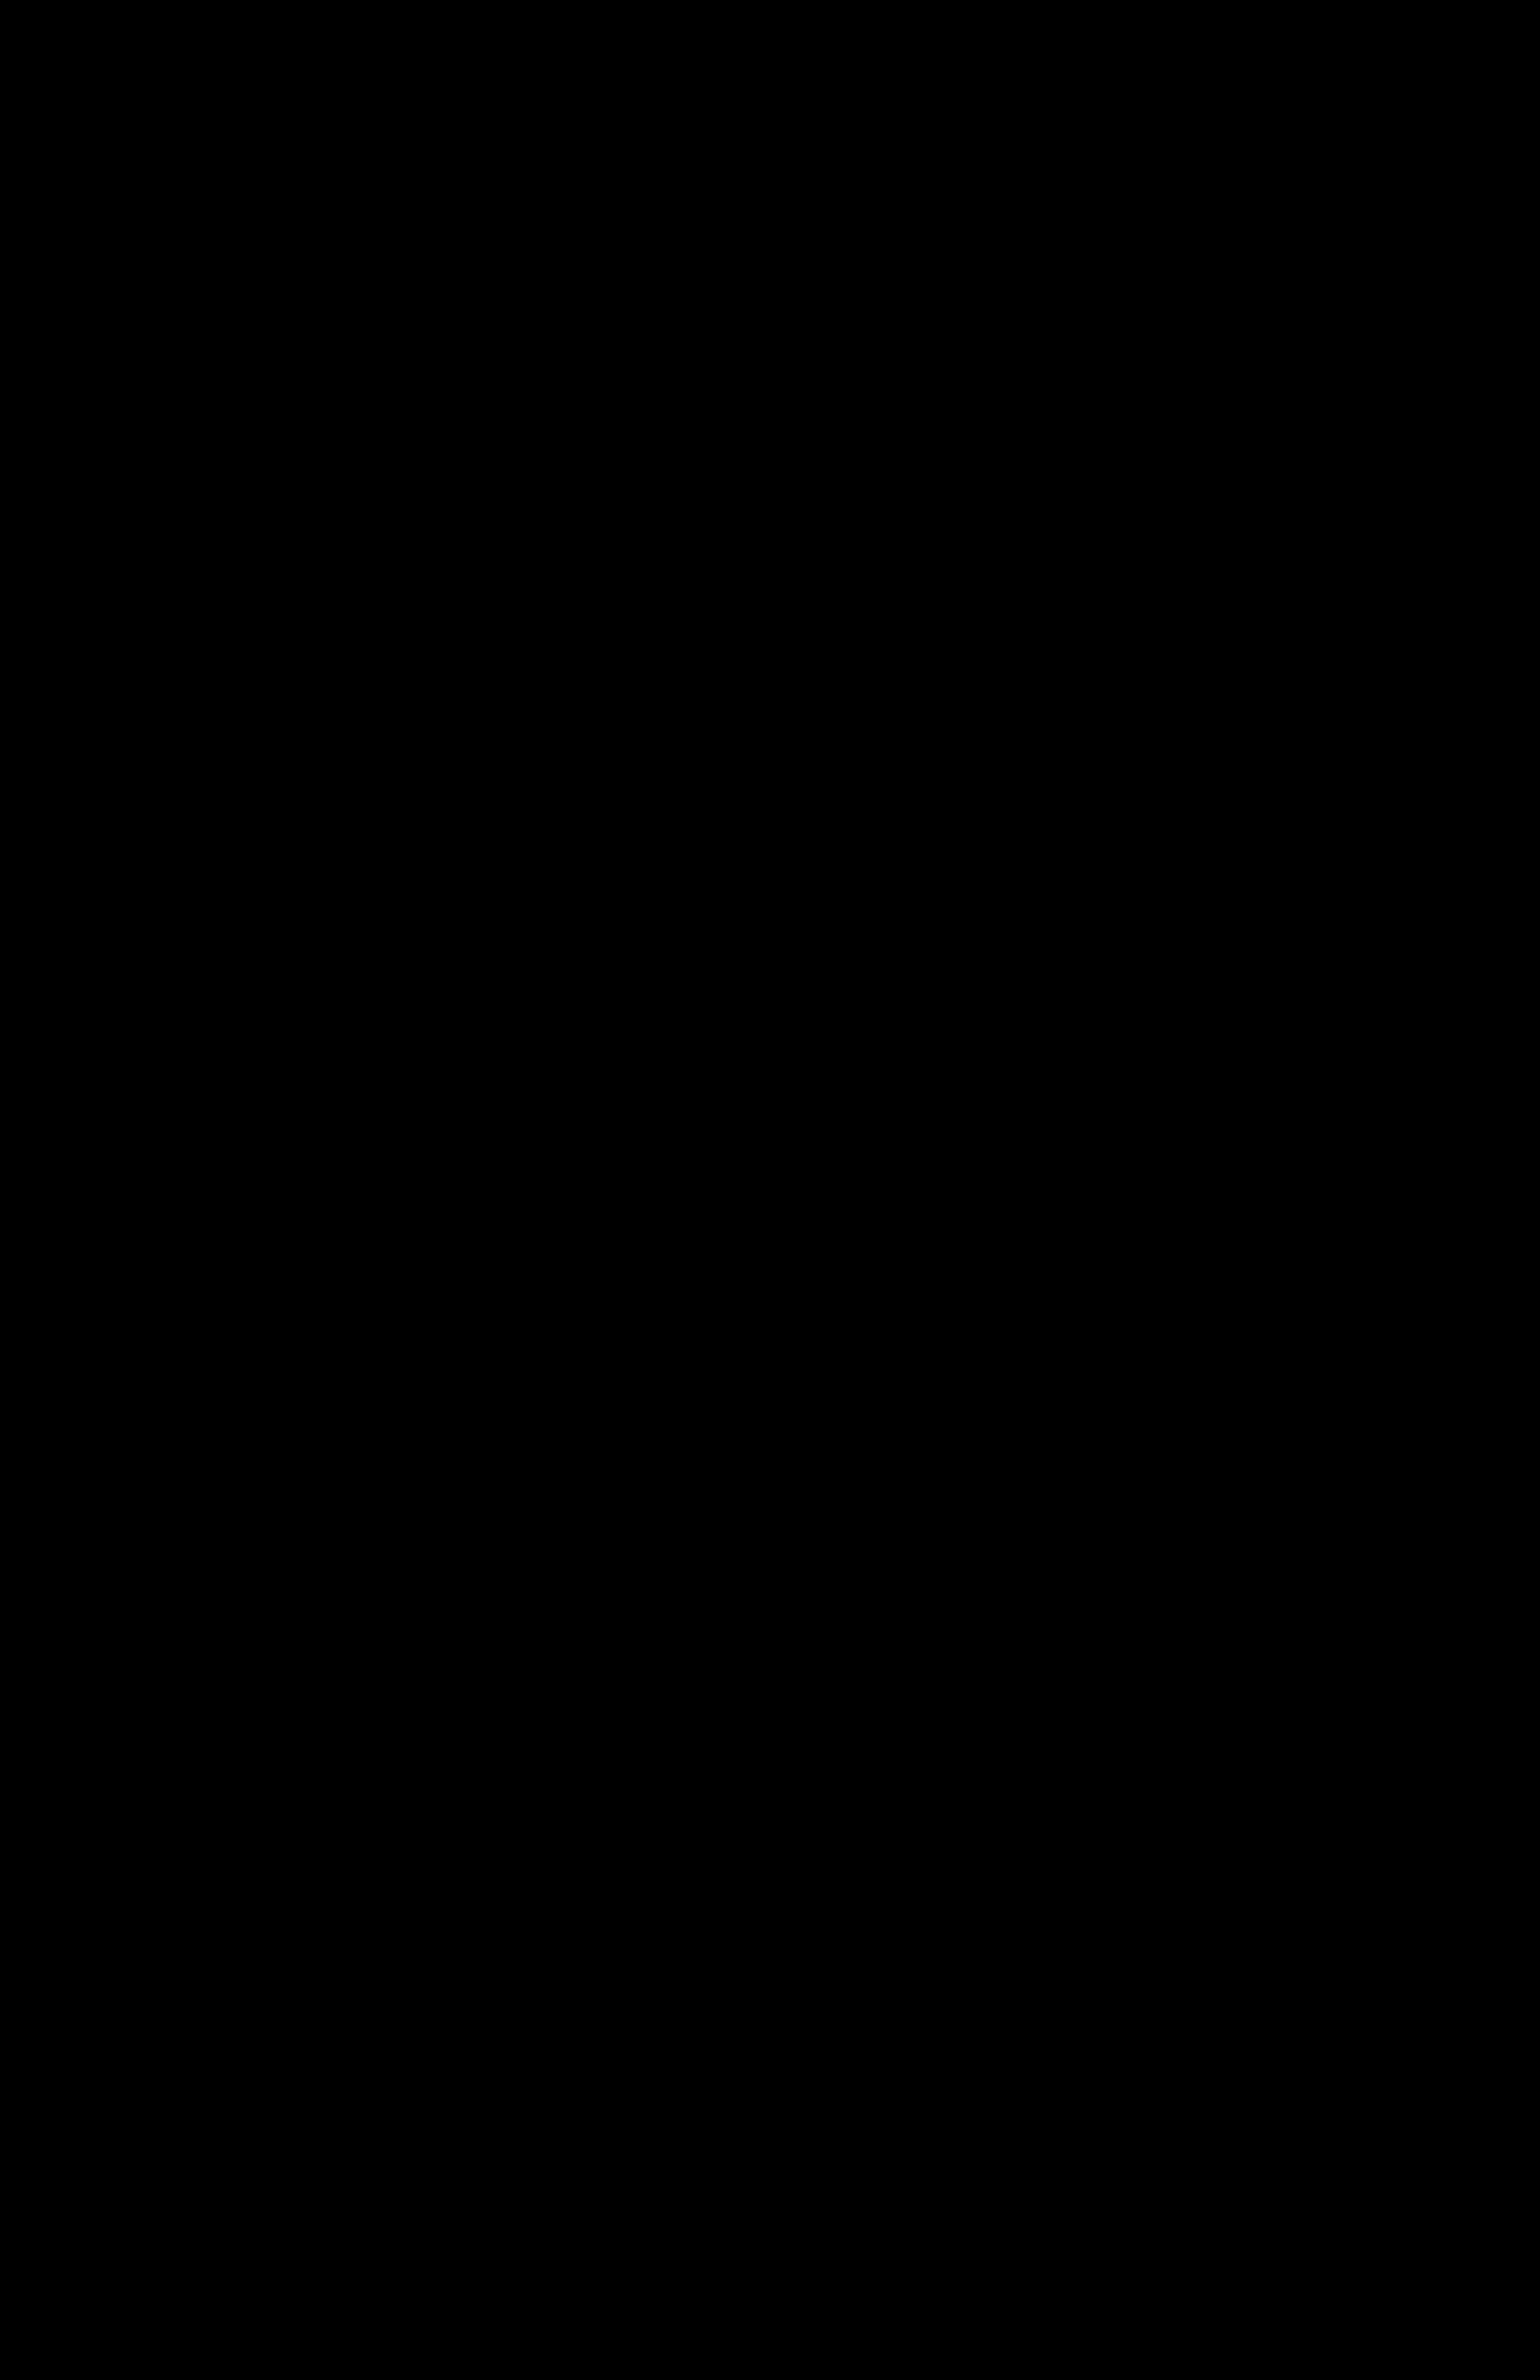 Crushnightjournal